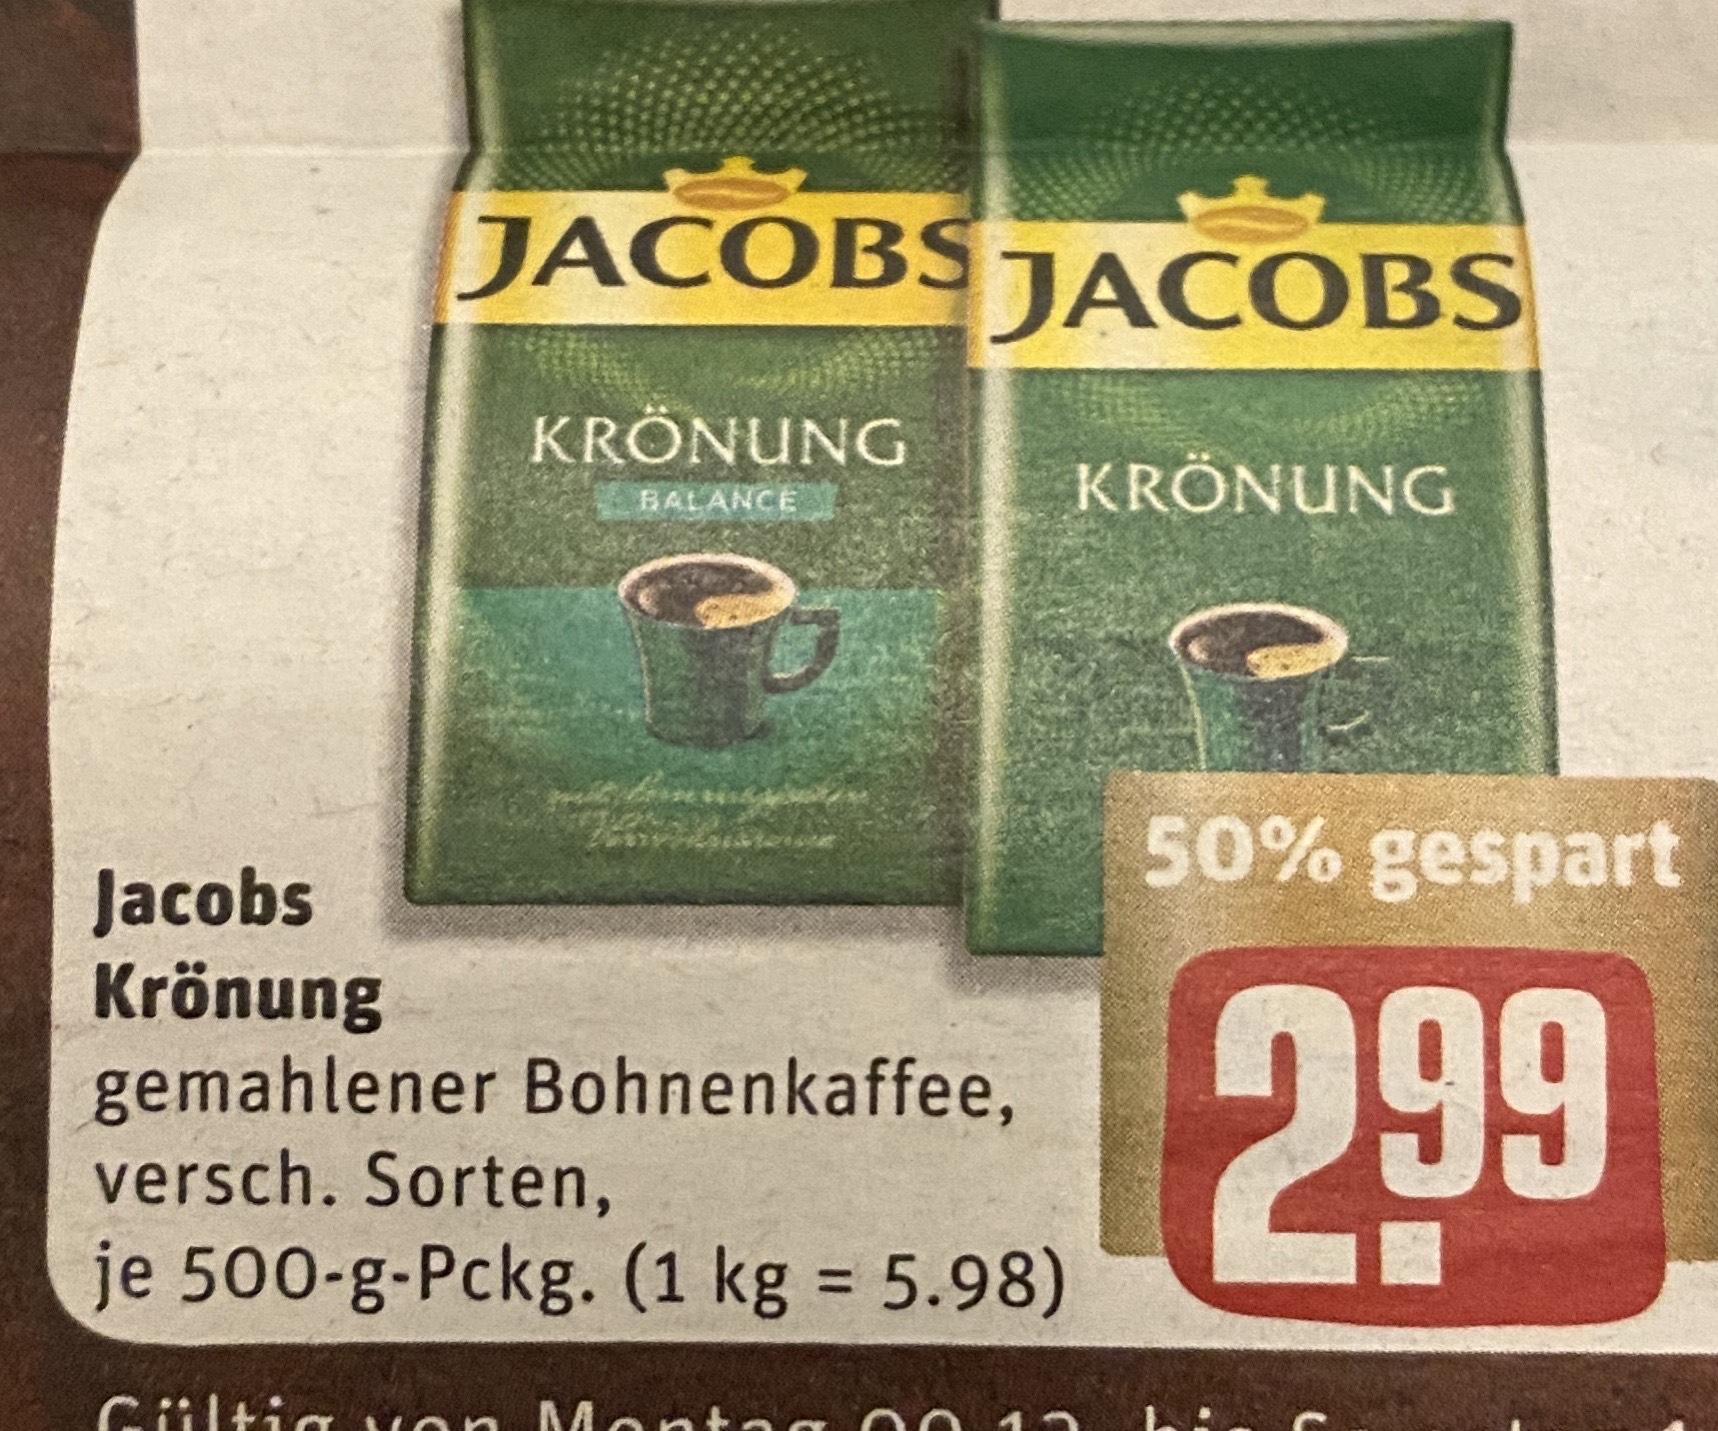 [Rewe Penny Marktkauf] Jacobs Krönung 500g verschiedene Sorten Kaffee für 2.99€ | 1kg Melitta Barista Kaffeebohnen für 6.99€ ab 09.12.2019